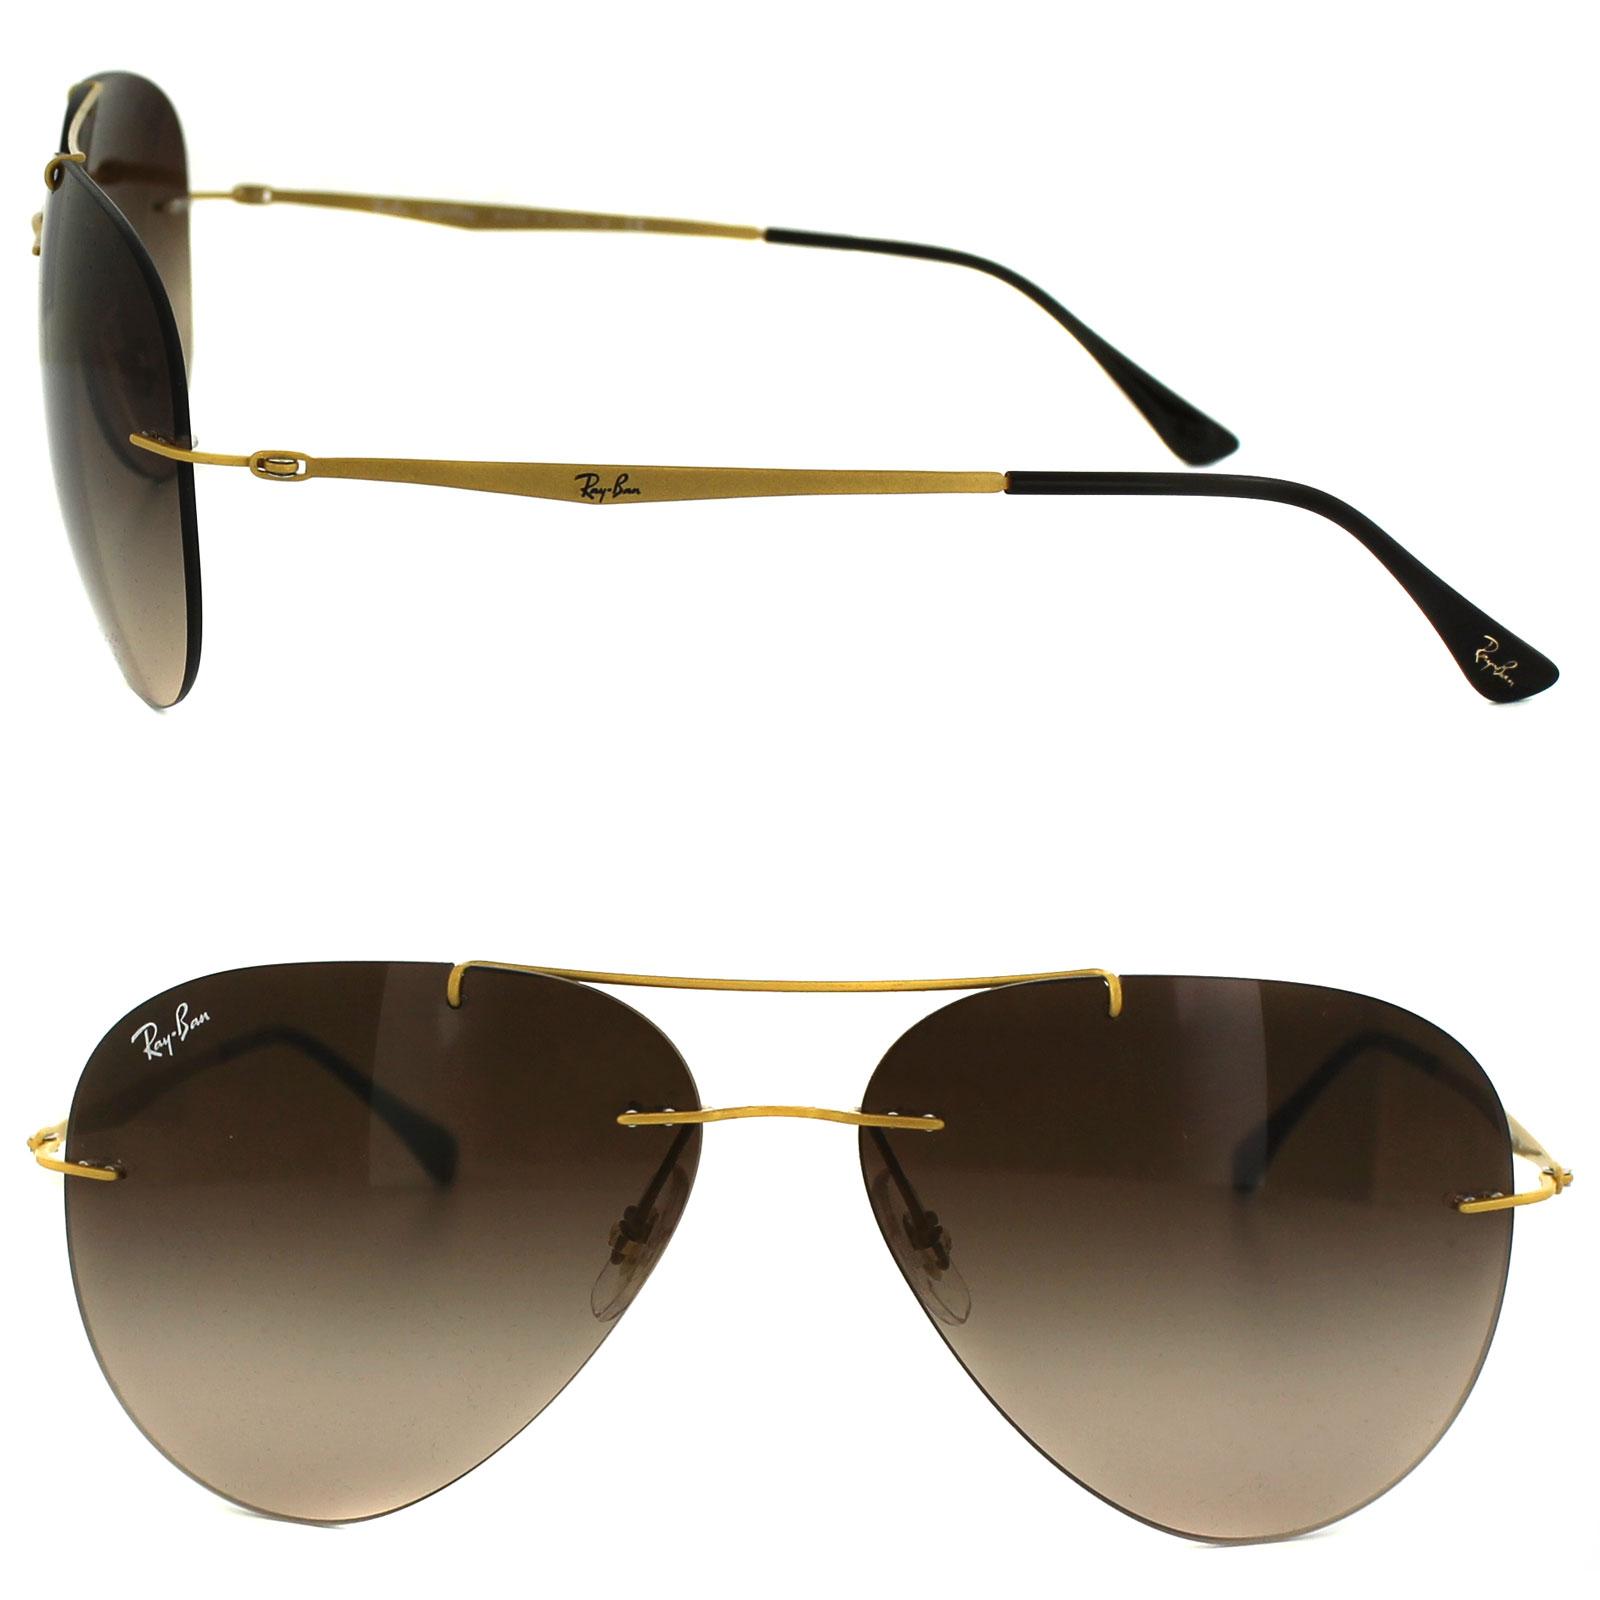 Cheap Ray Ban Aviator Light Ray 8055 Sunglasses